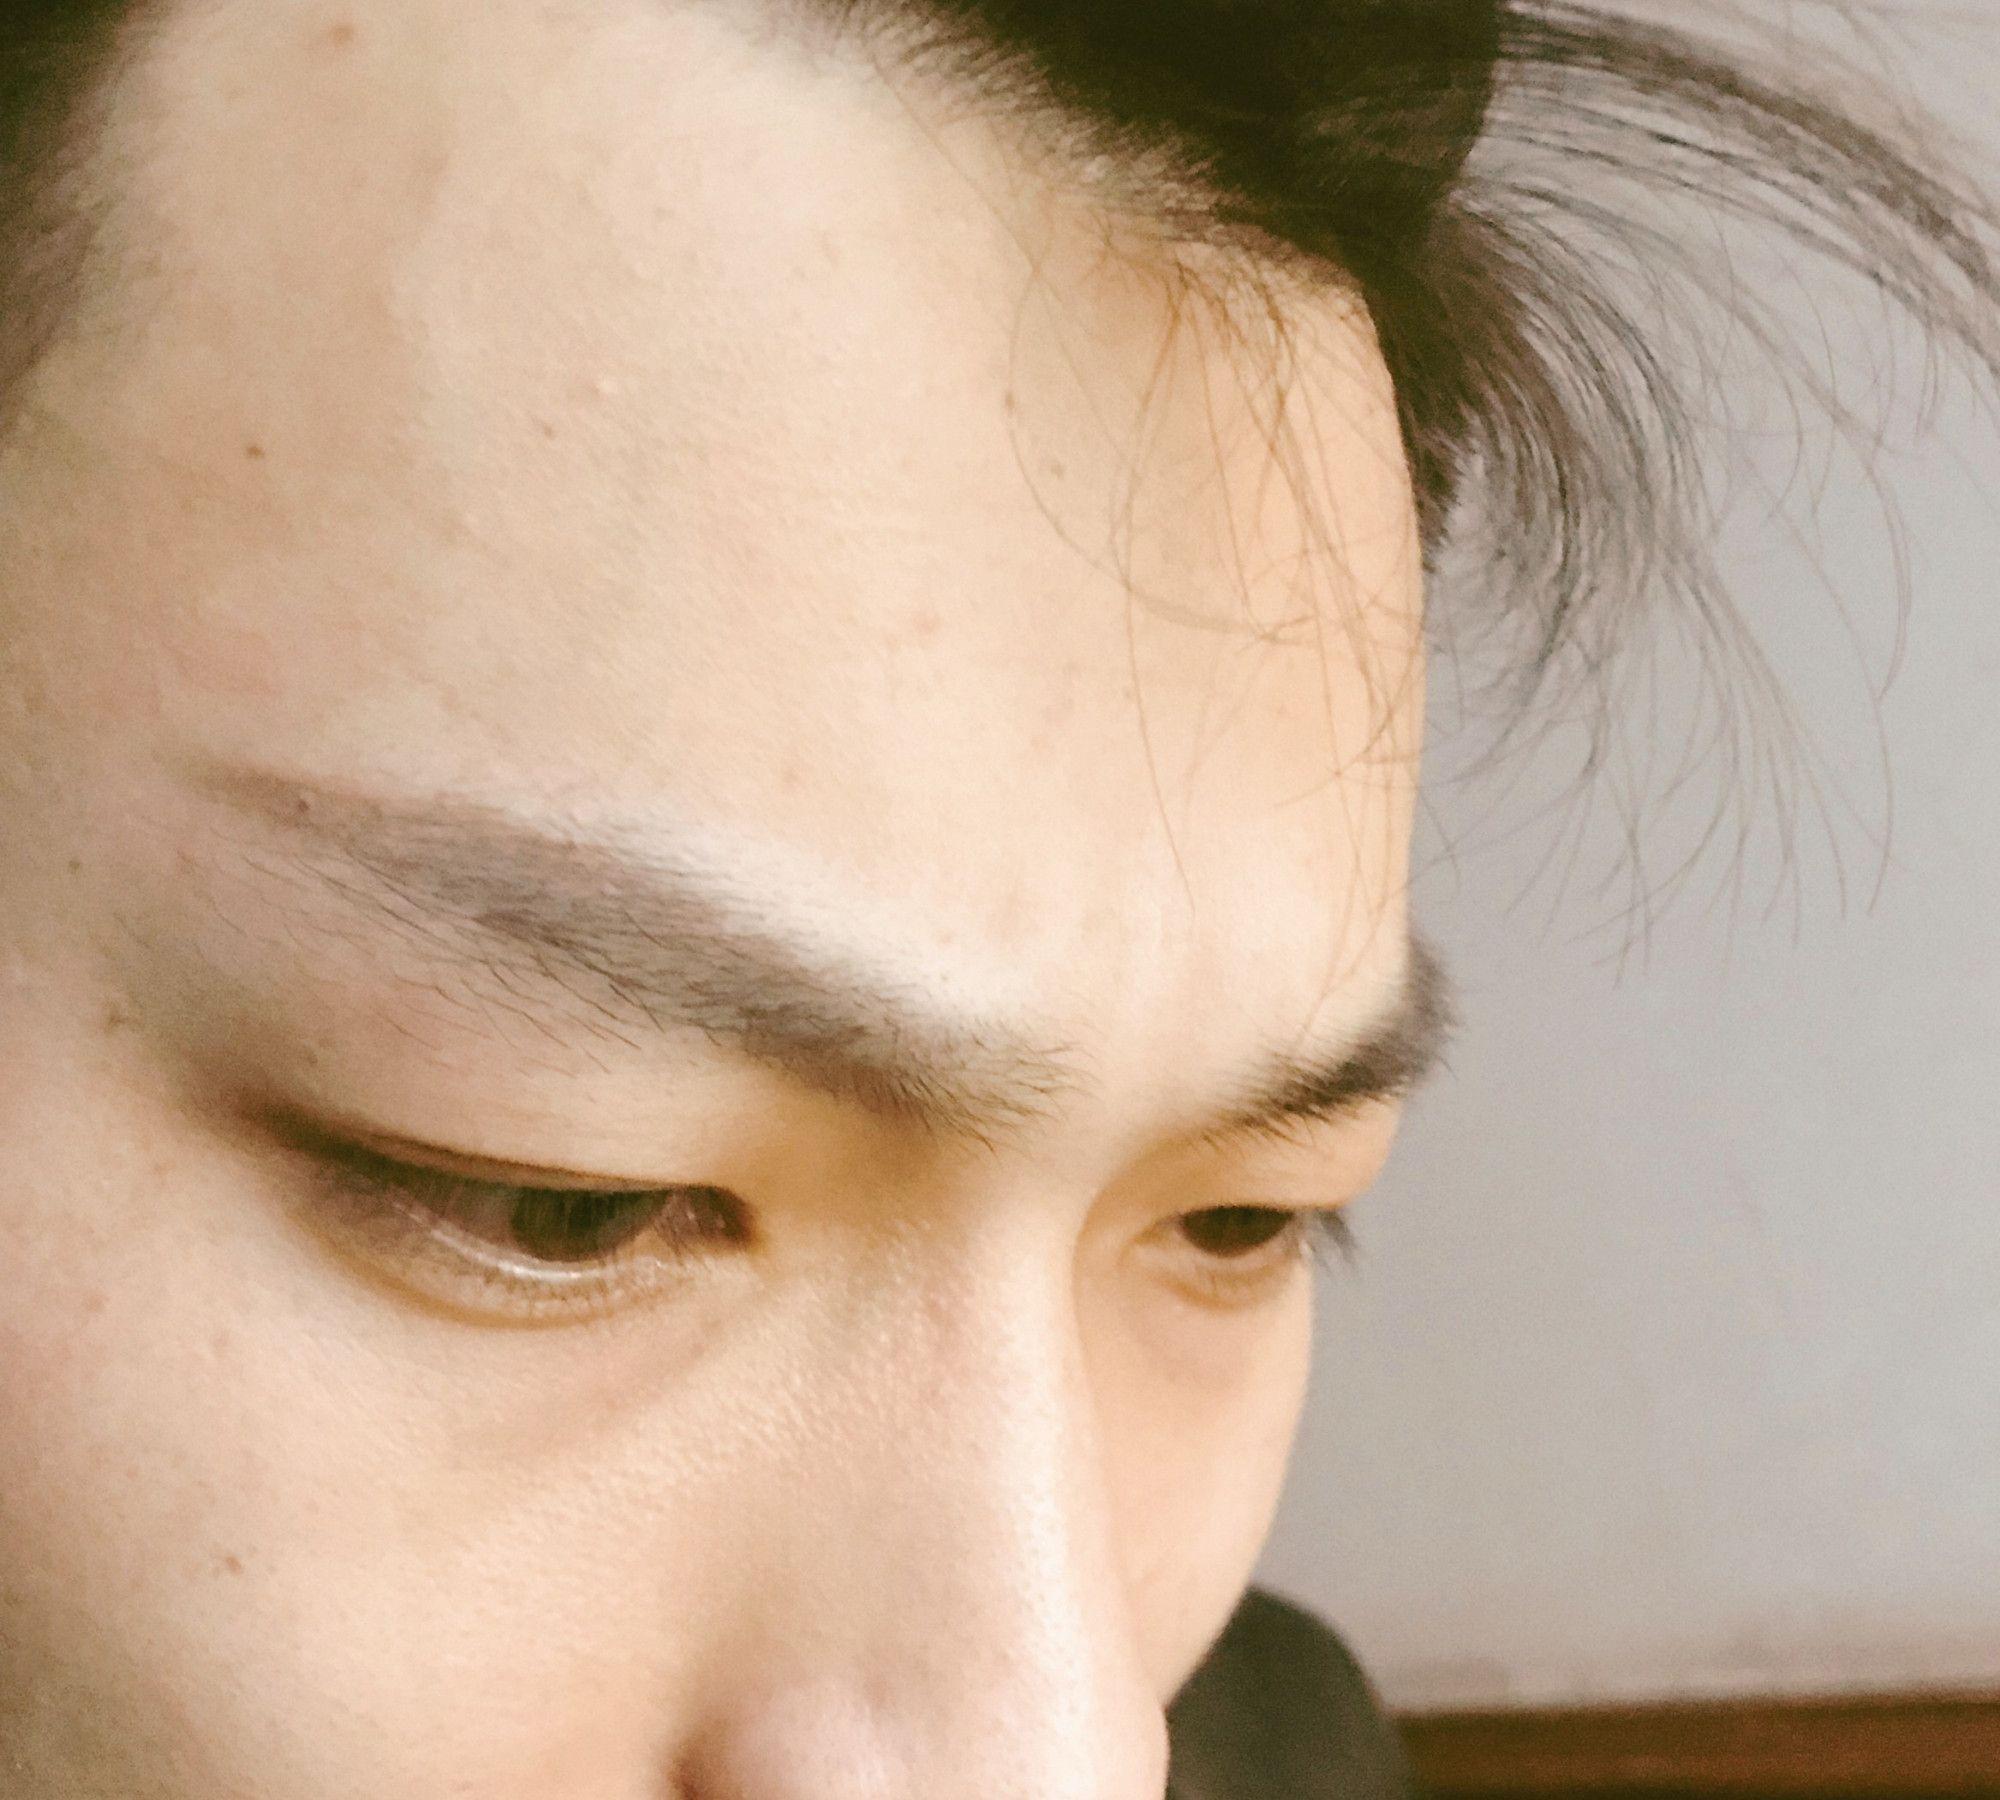 闲在家无聊,趁男朋友打游戏给他画了个眉毛,竟然可以保送出道?